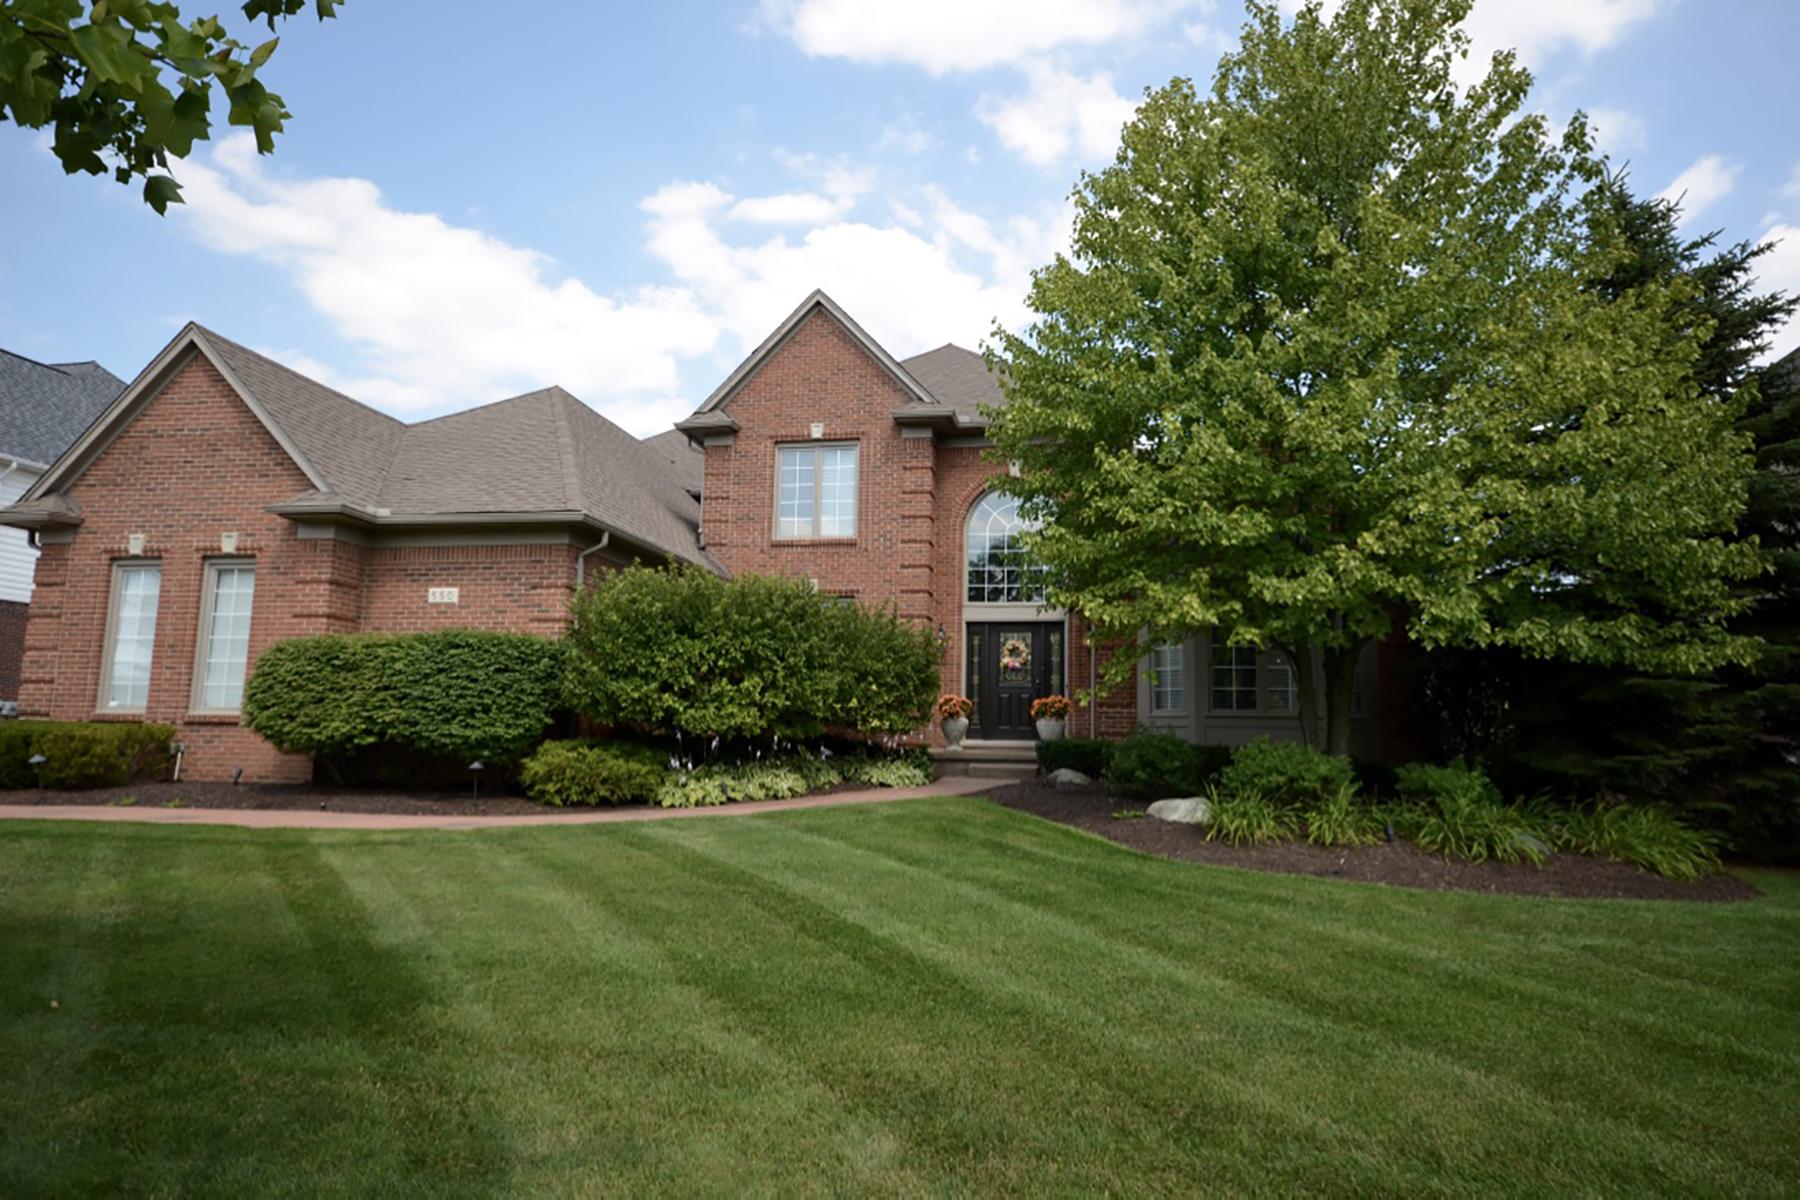 独户住宅 为 销售 在 Rochester 550 Springview Drive, 罗契斯特市, 密歇根州, 48307 美国